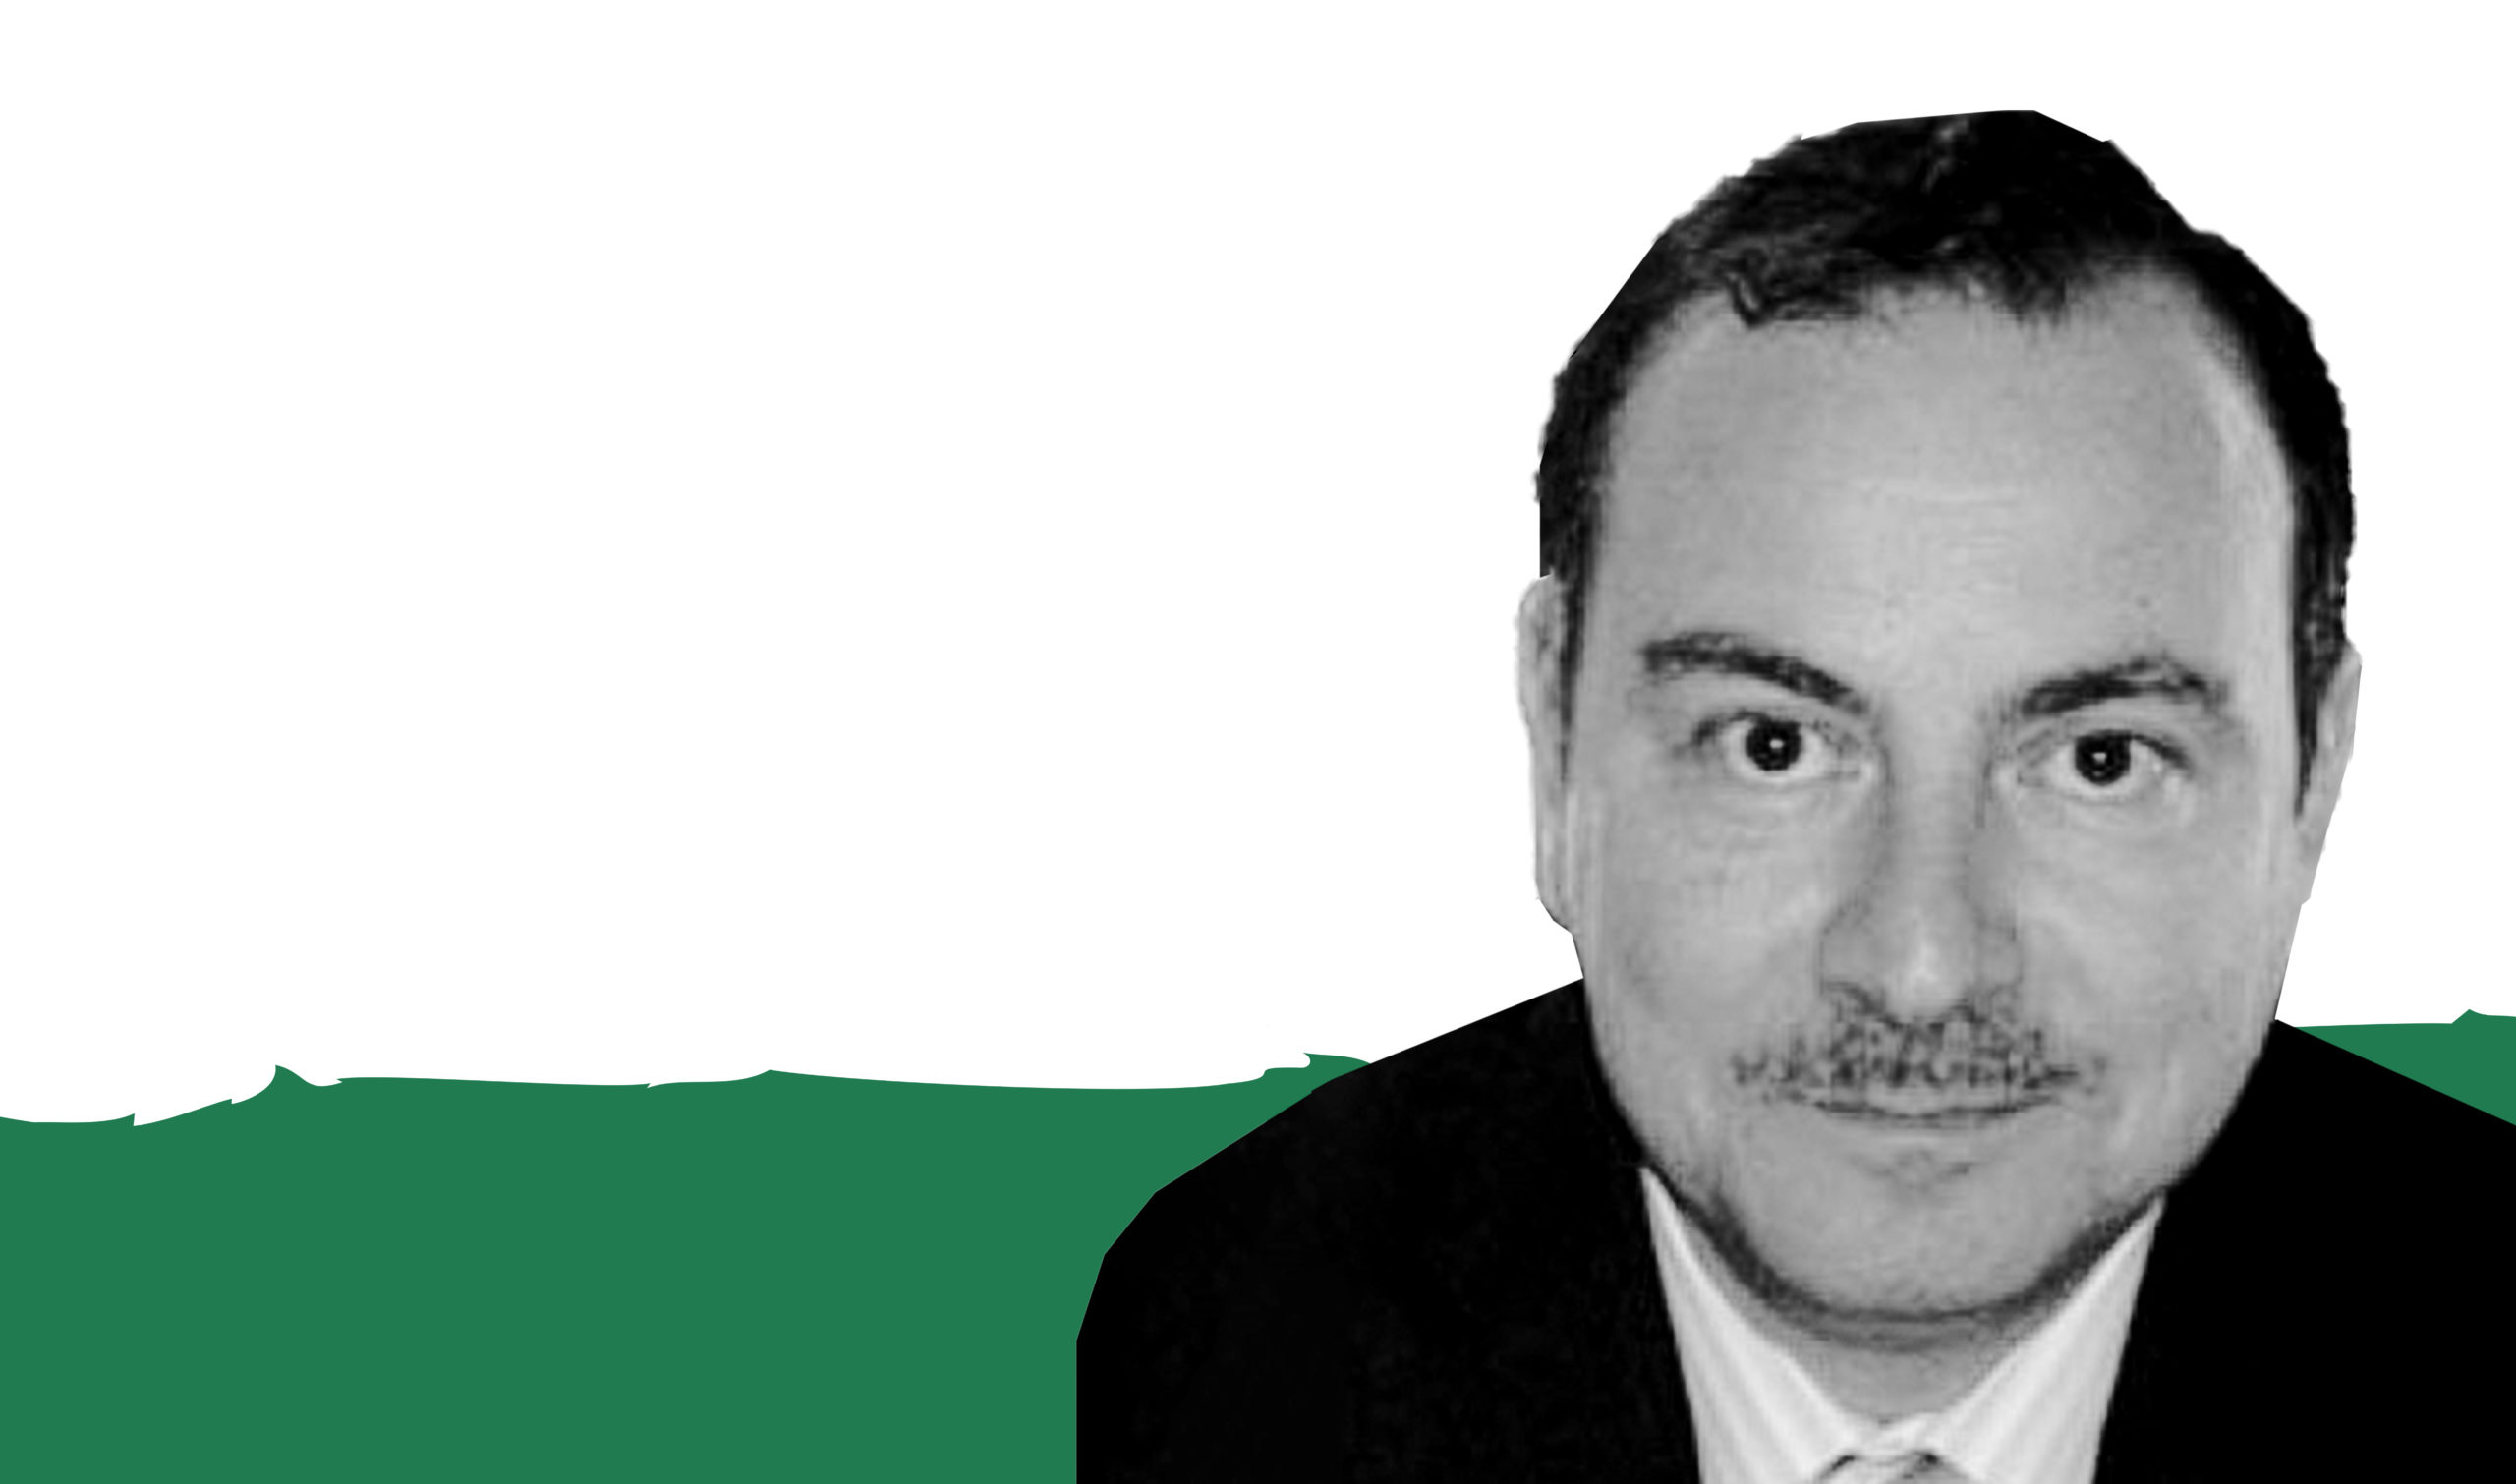 الإعلامي والمعارض السوري أيمن عبد النور